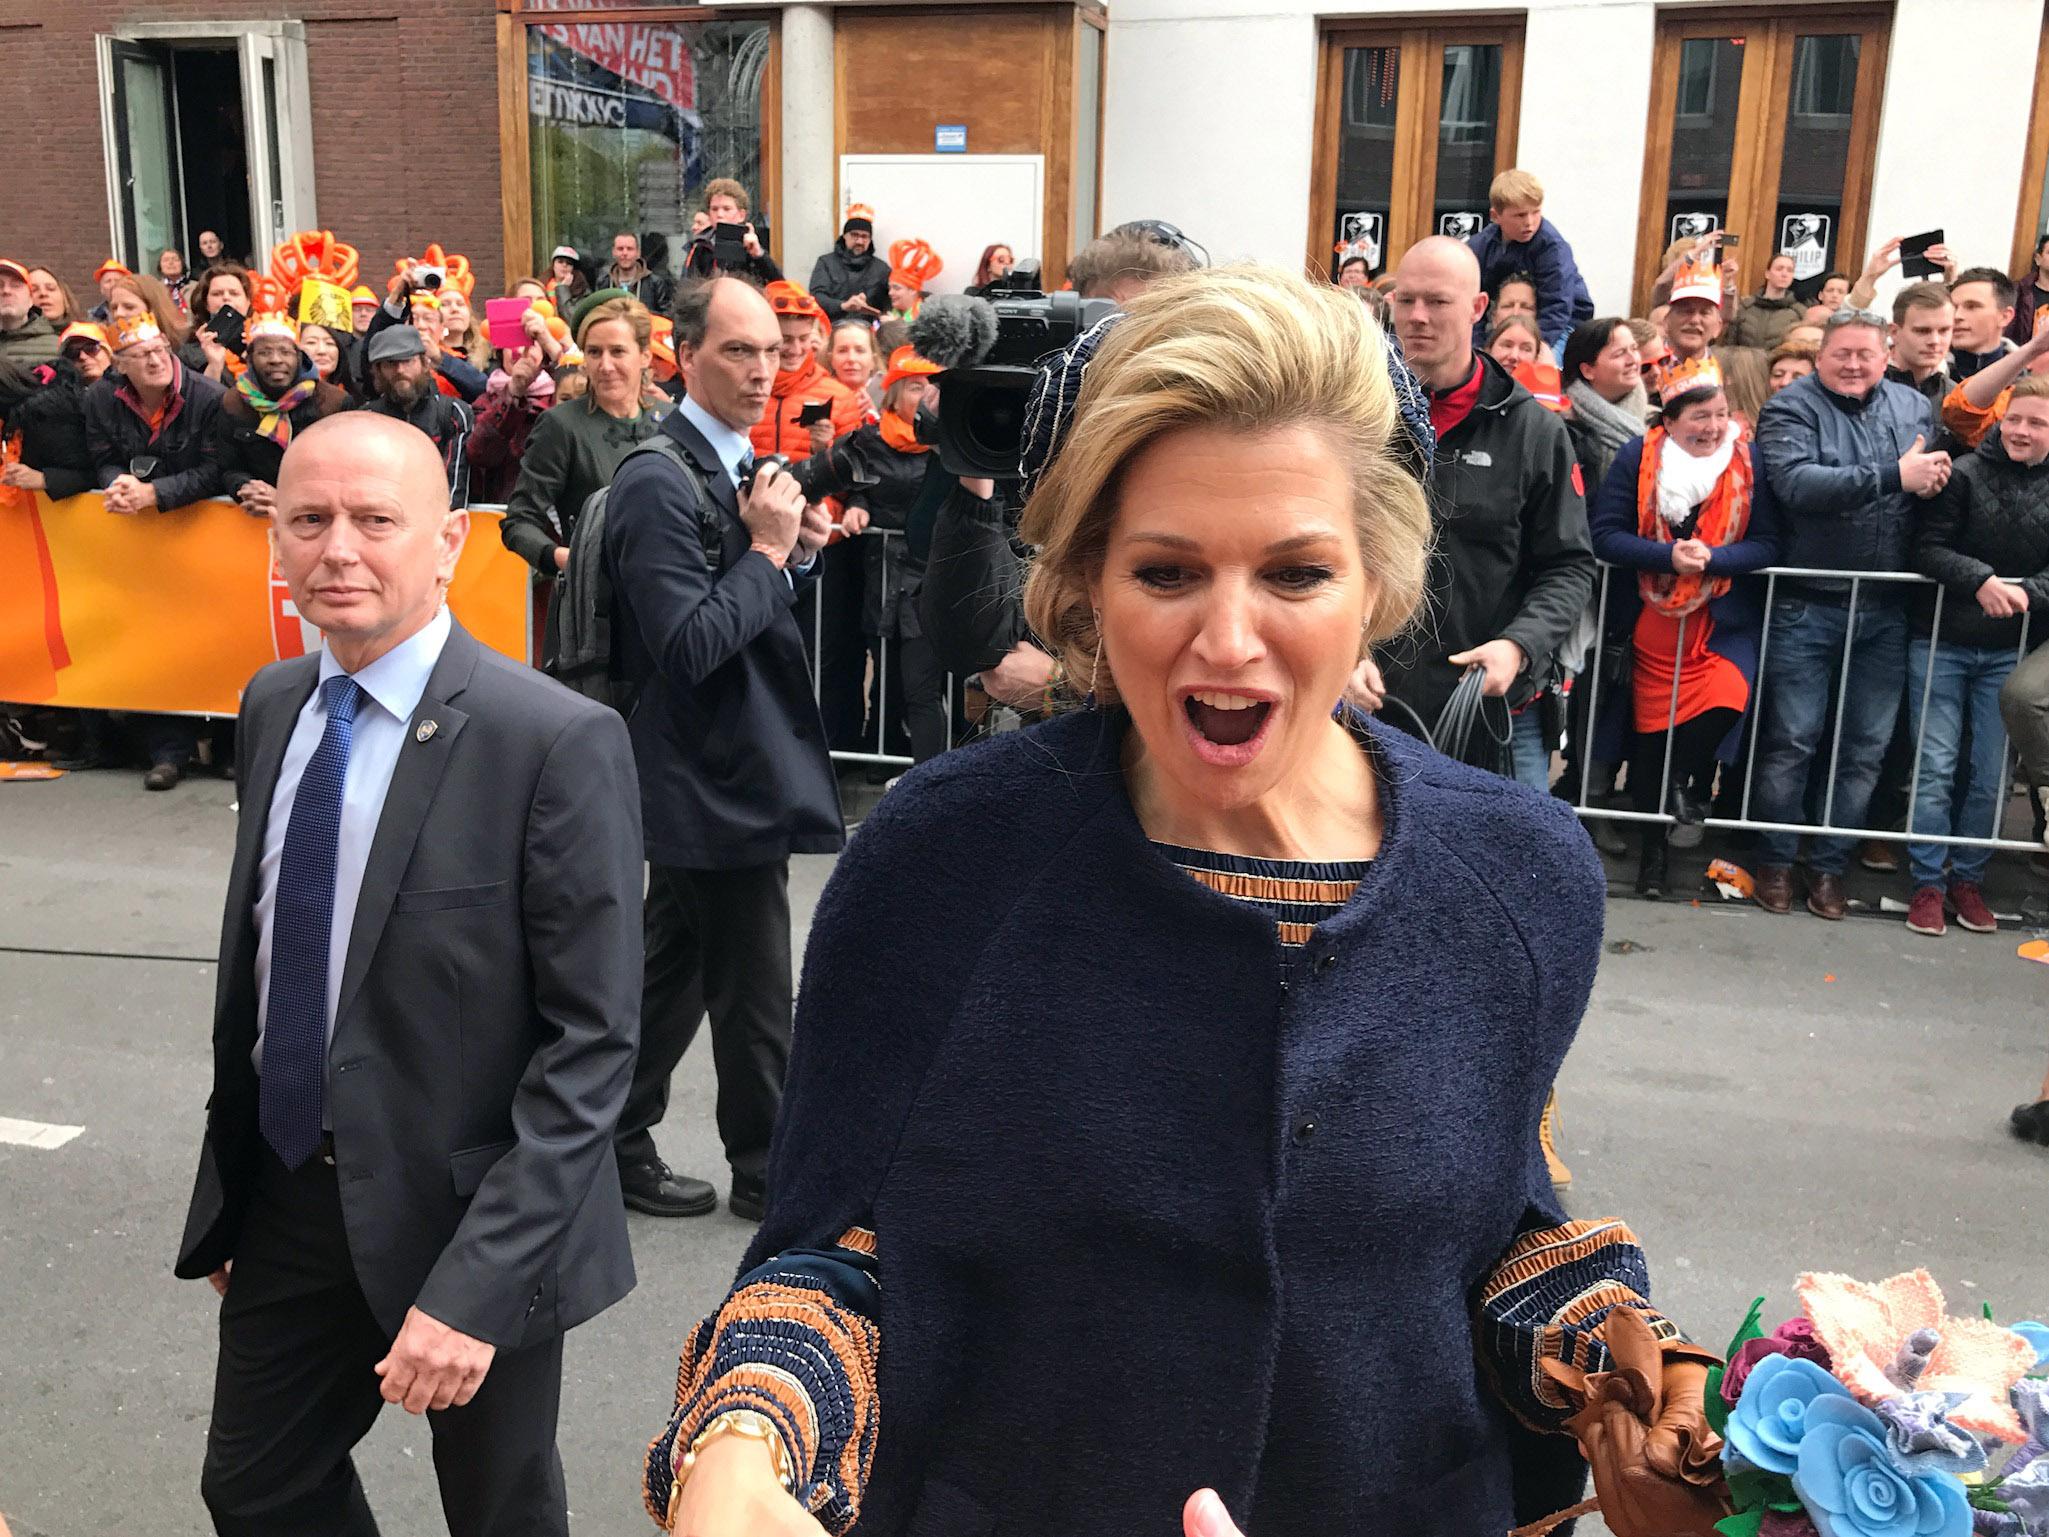 Koningsdag 2017: Het volledige verslag!